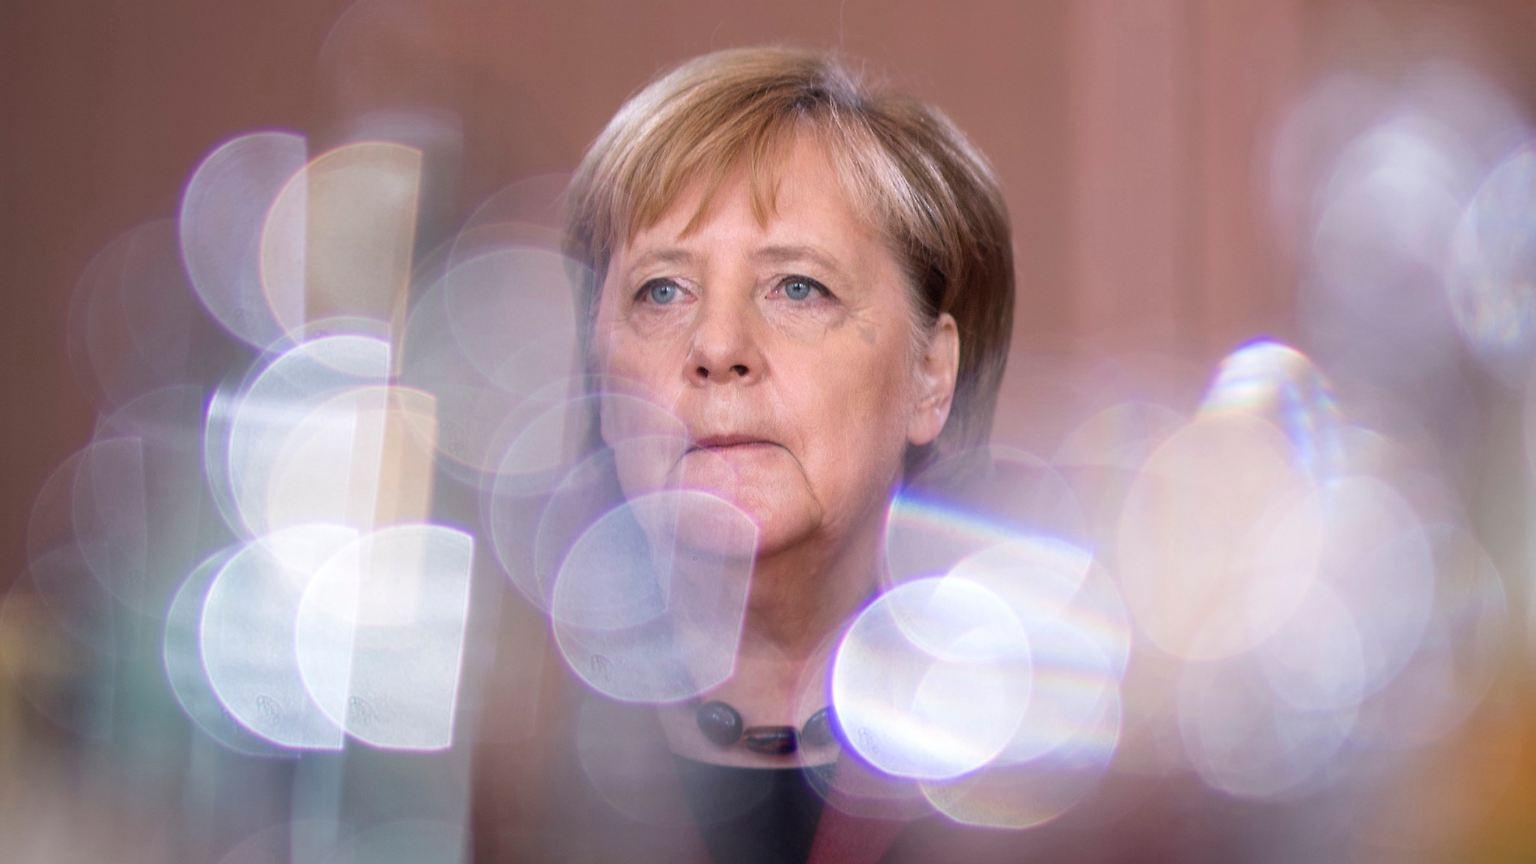 RTL/n-tv-Trendbarometer: Merkel genießt das größte Vertrauen - n-tv.de